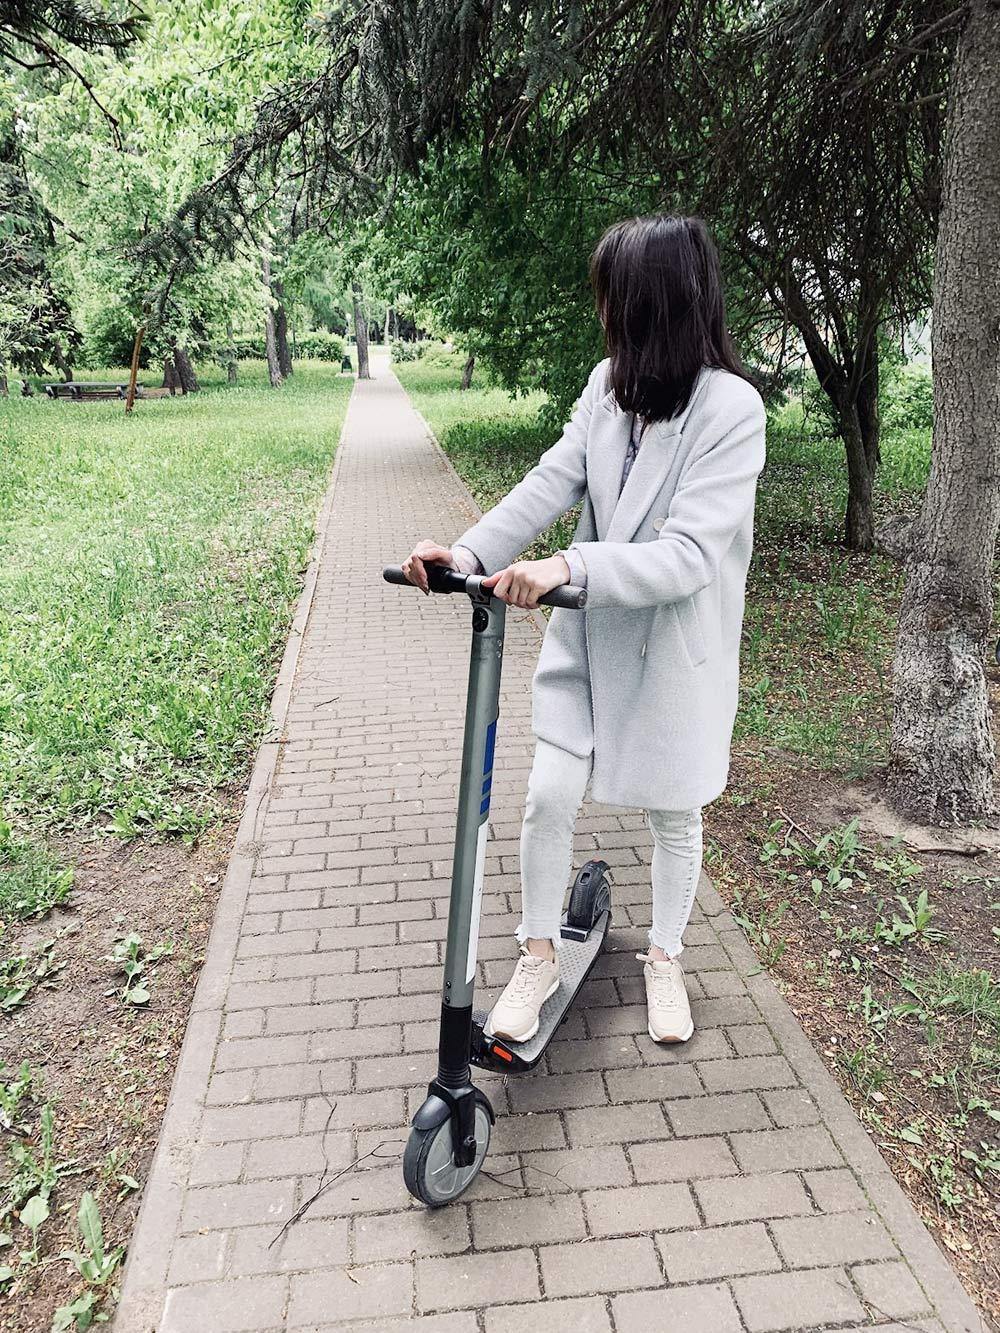 Катаемся на самокатах в парке